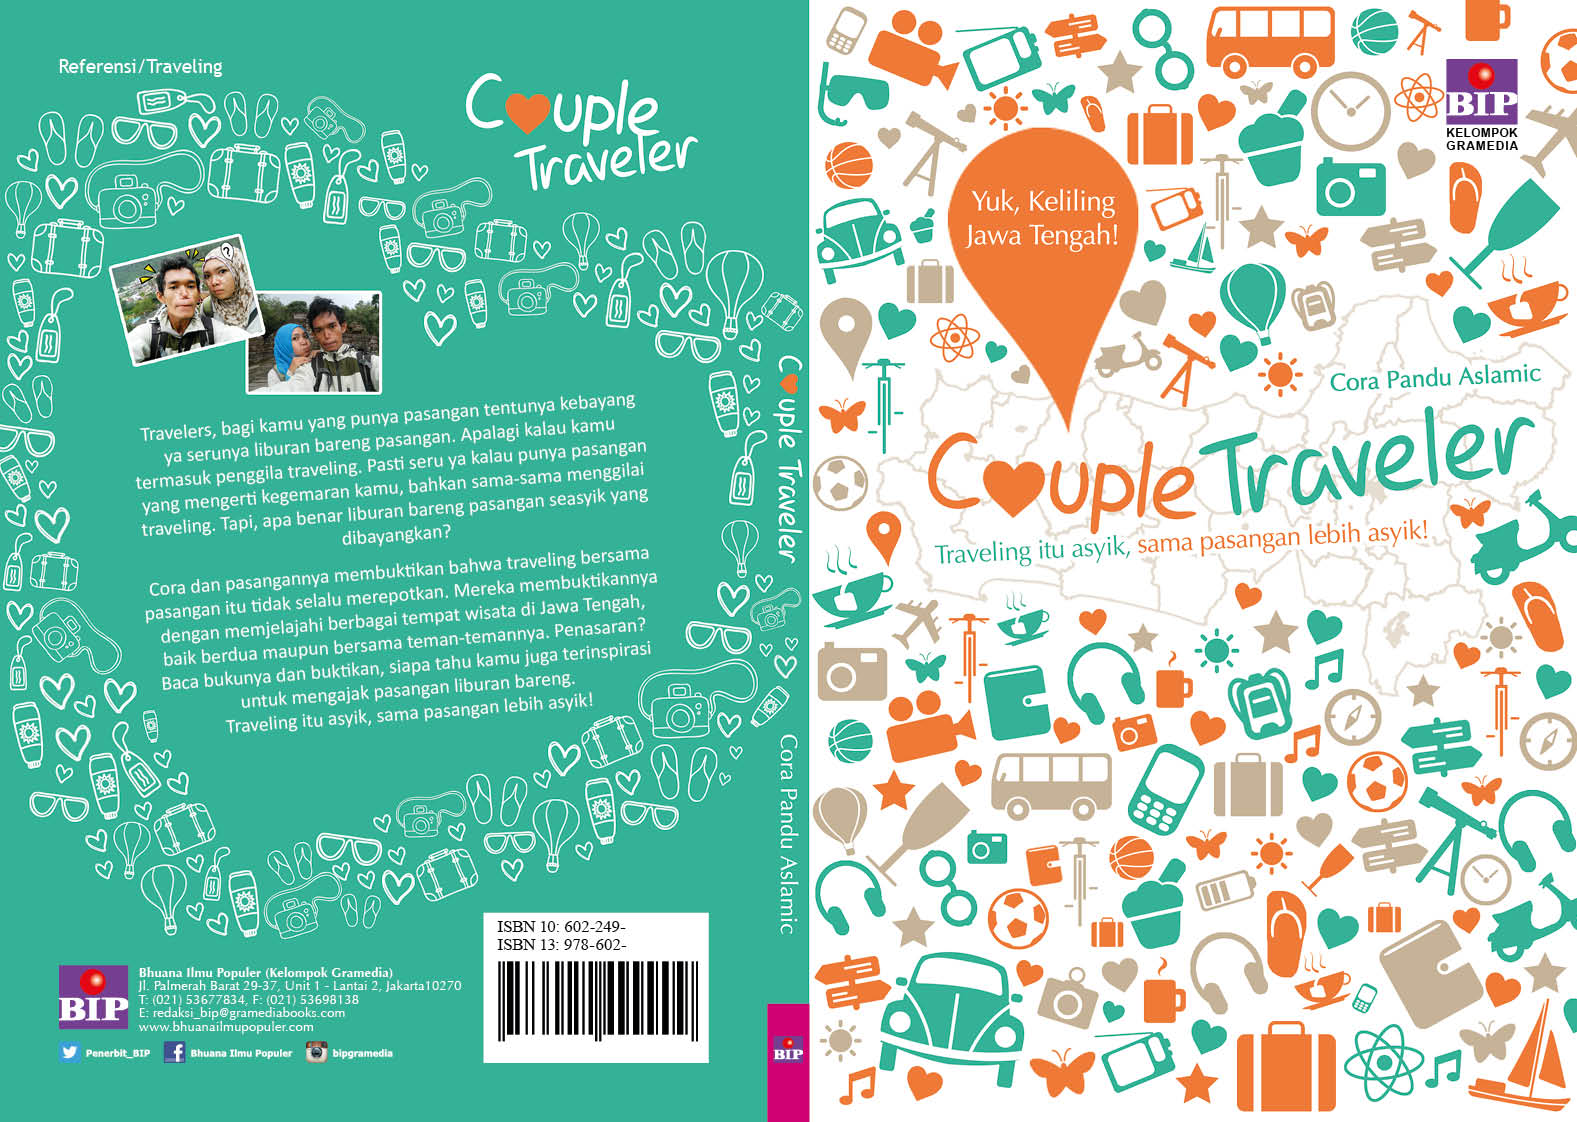 4th Book